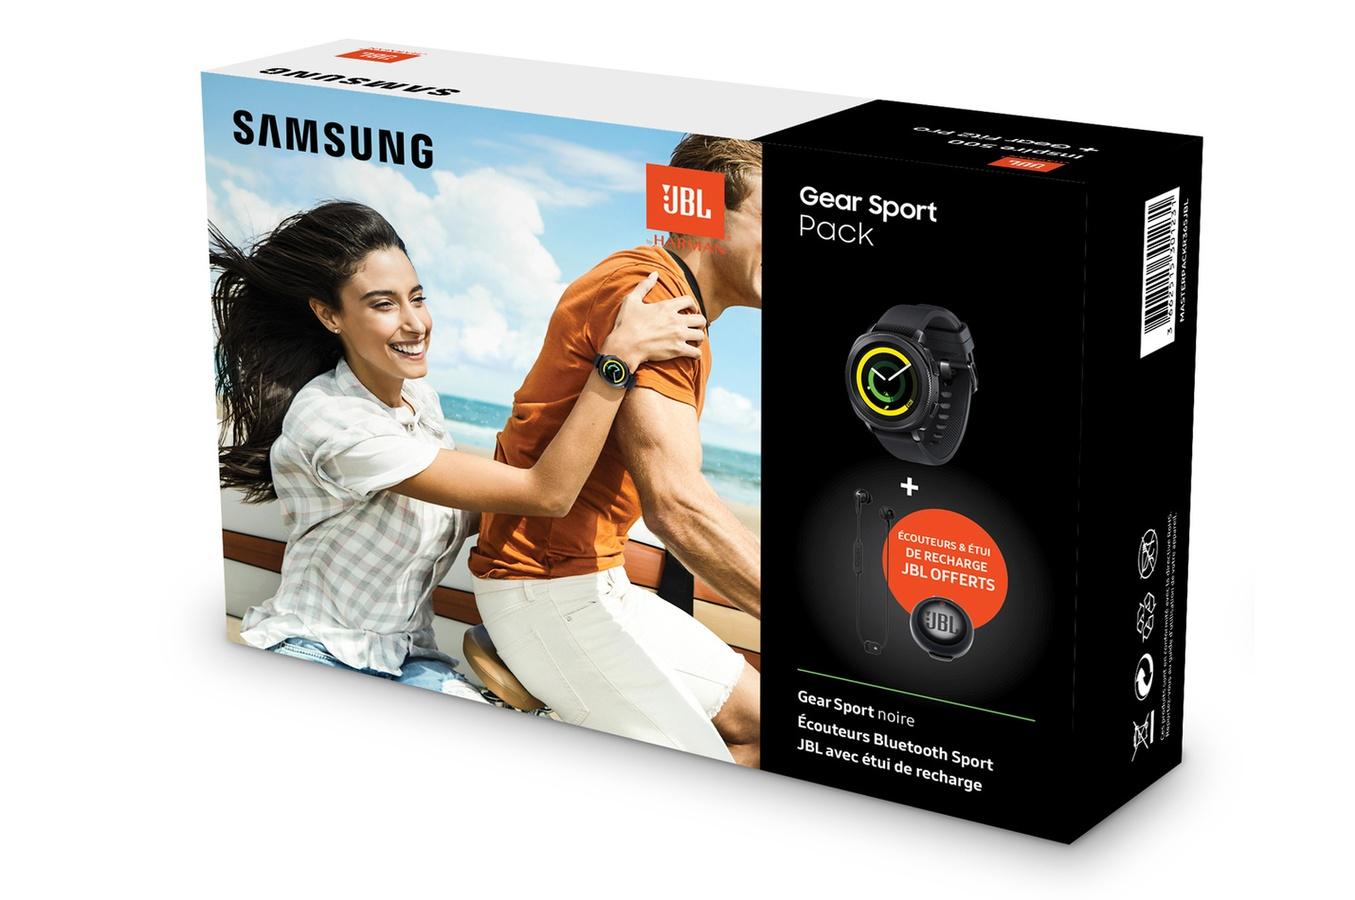 🔥 Bon plan : un pack Samsung Gear Sport avec les écouteurs JBL Inspire 700 à 299 euros